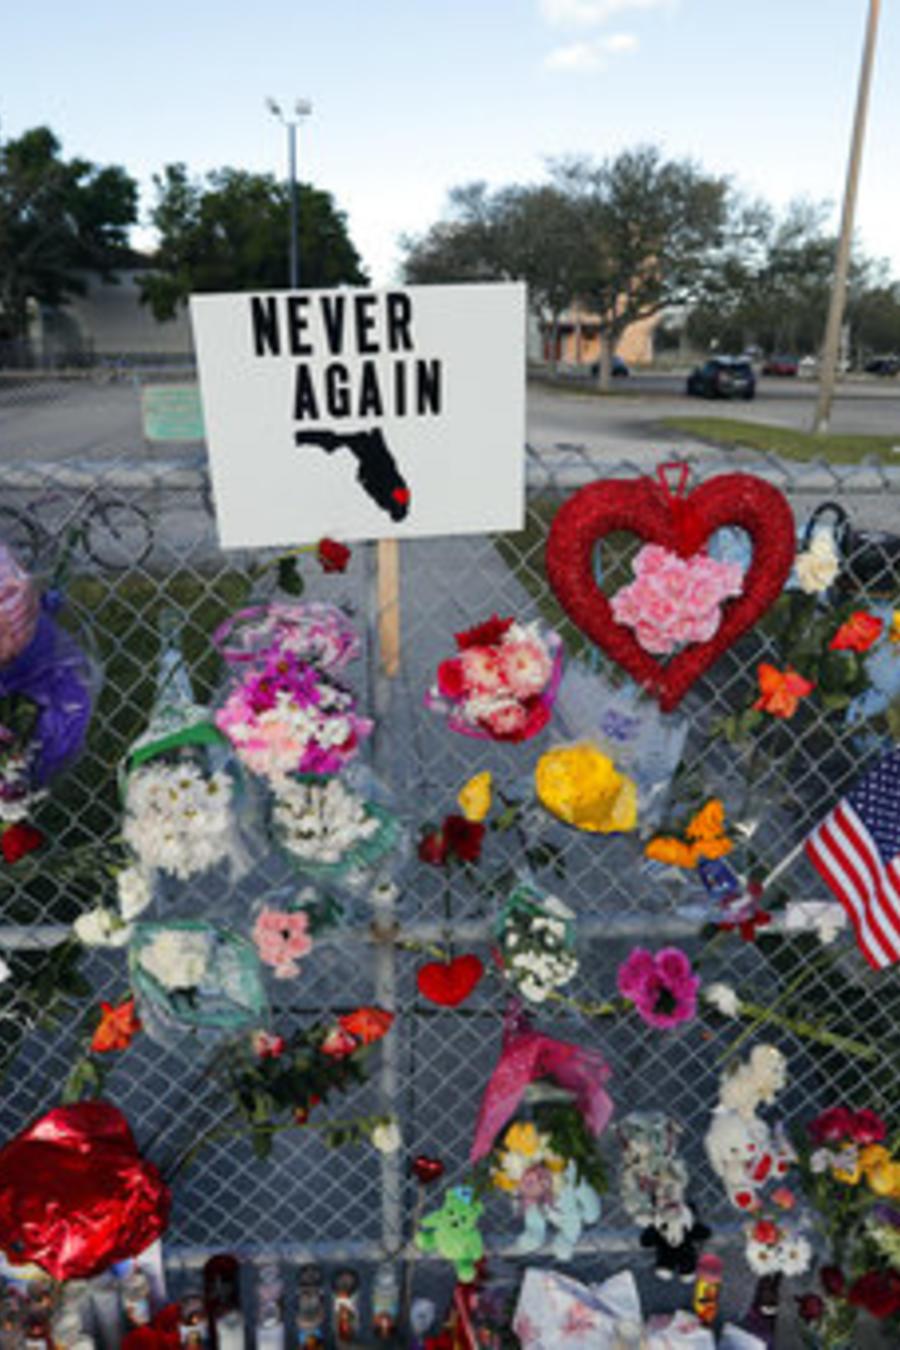 Monumento improvisado fuera de Marjory Stoneman Douglas High School, donde 17 estudiantes y profesores fueron asesinados en un tiroteo masivon Parkland